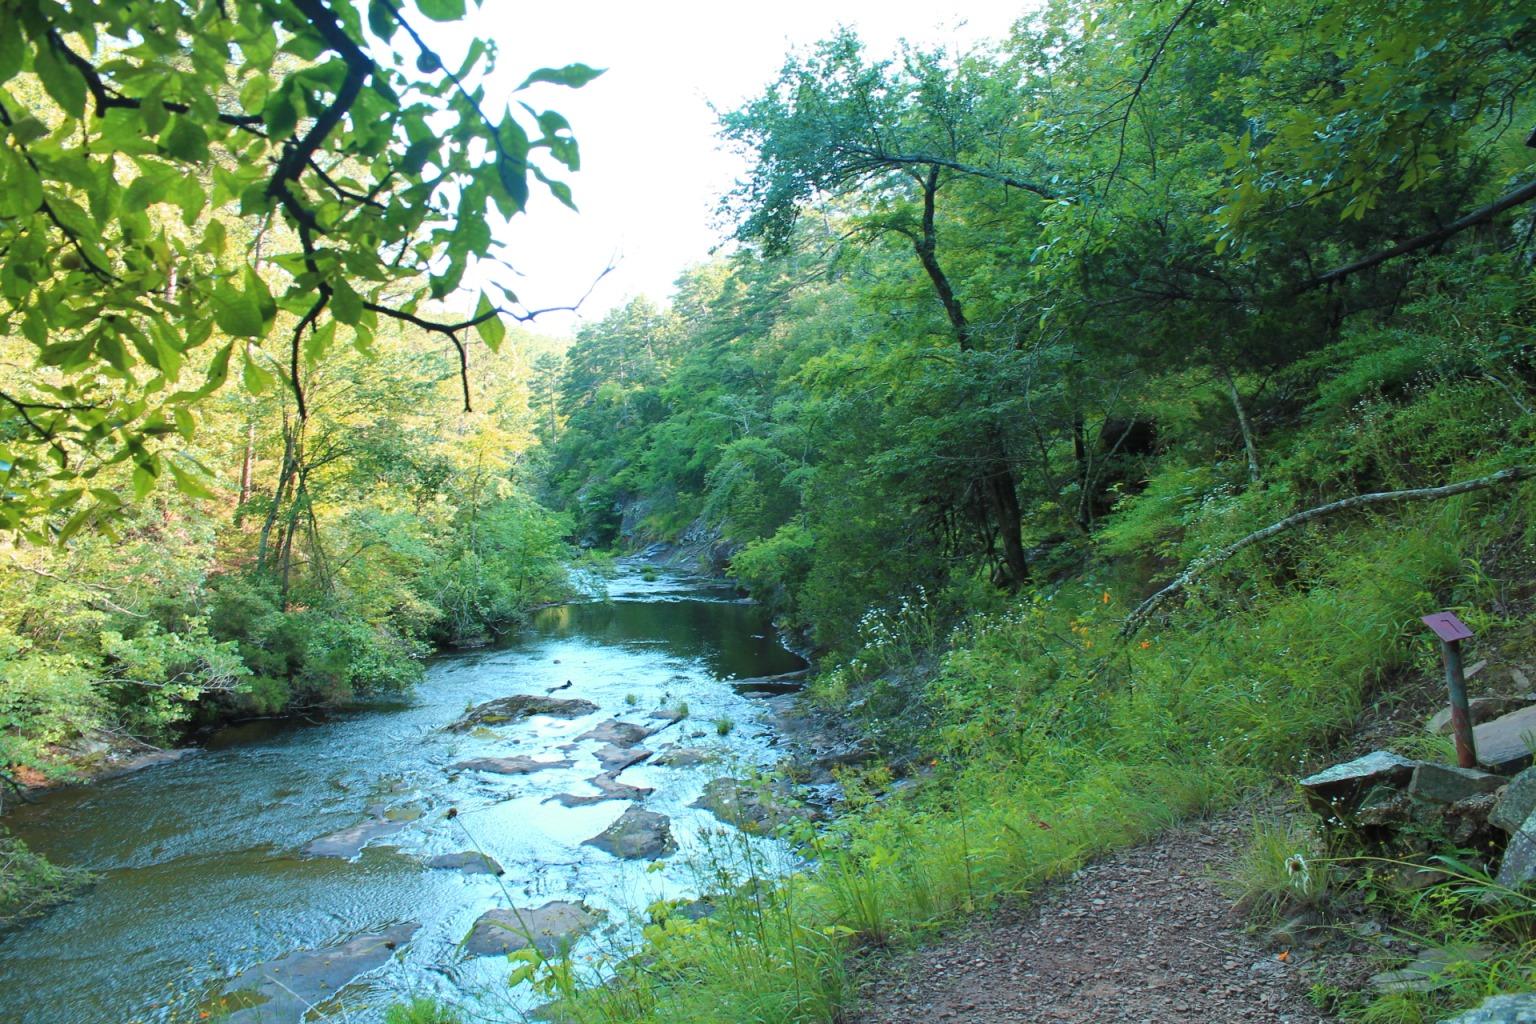 Petit Jean: Cedar Creek Trail - 1 mi | Arklahoma Hiker